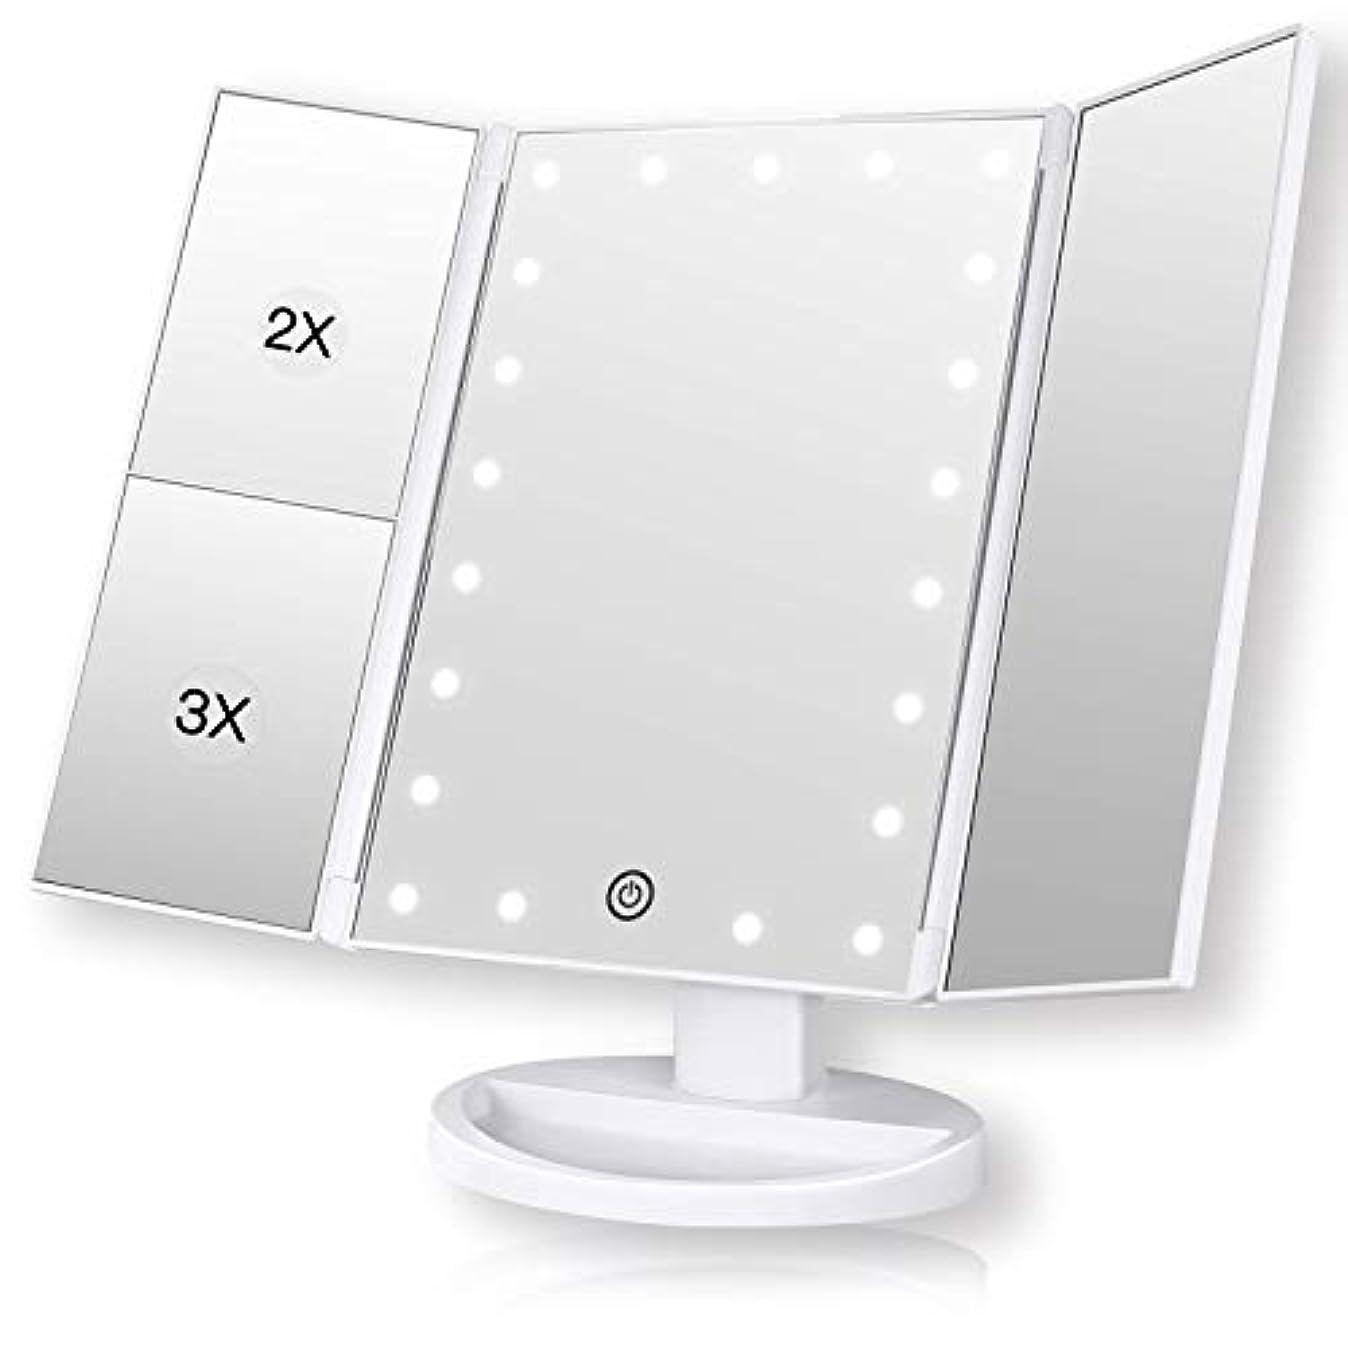 コークス受取人水曜日ROZZERMAN 化粧鏡 卓上ミラー 三面鏡 ledライト 女優ミラー 折りたたみ 持ち運び 拡大鏡 2倍 3倍 角度調整